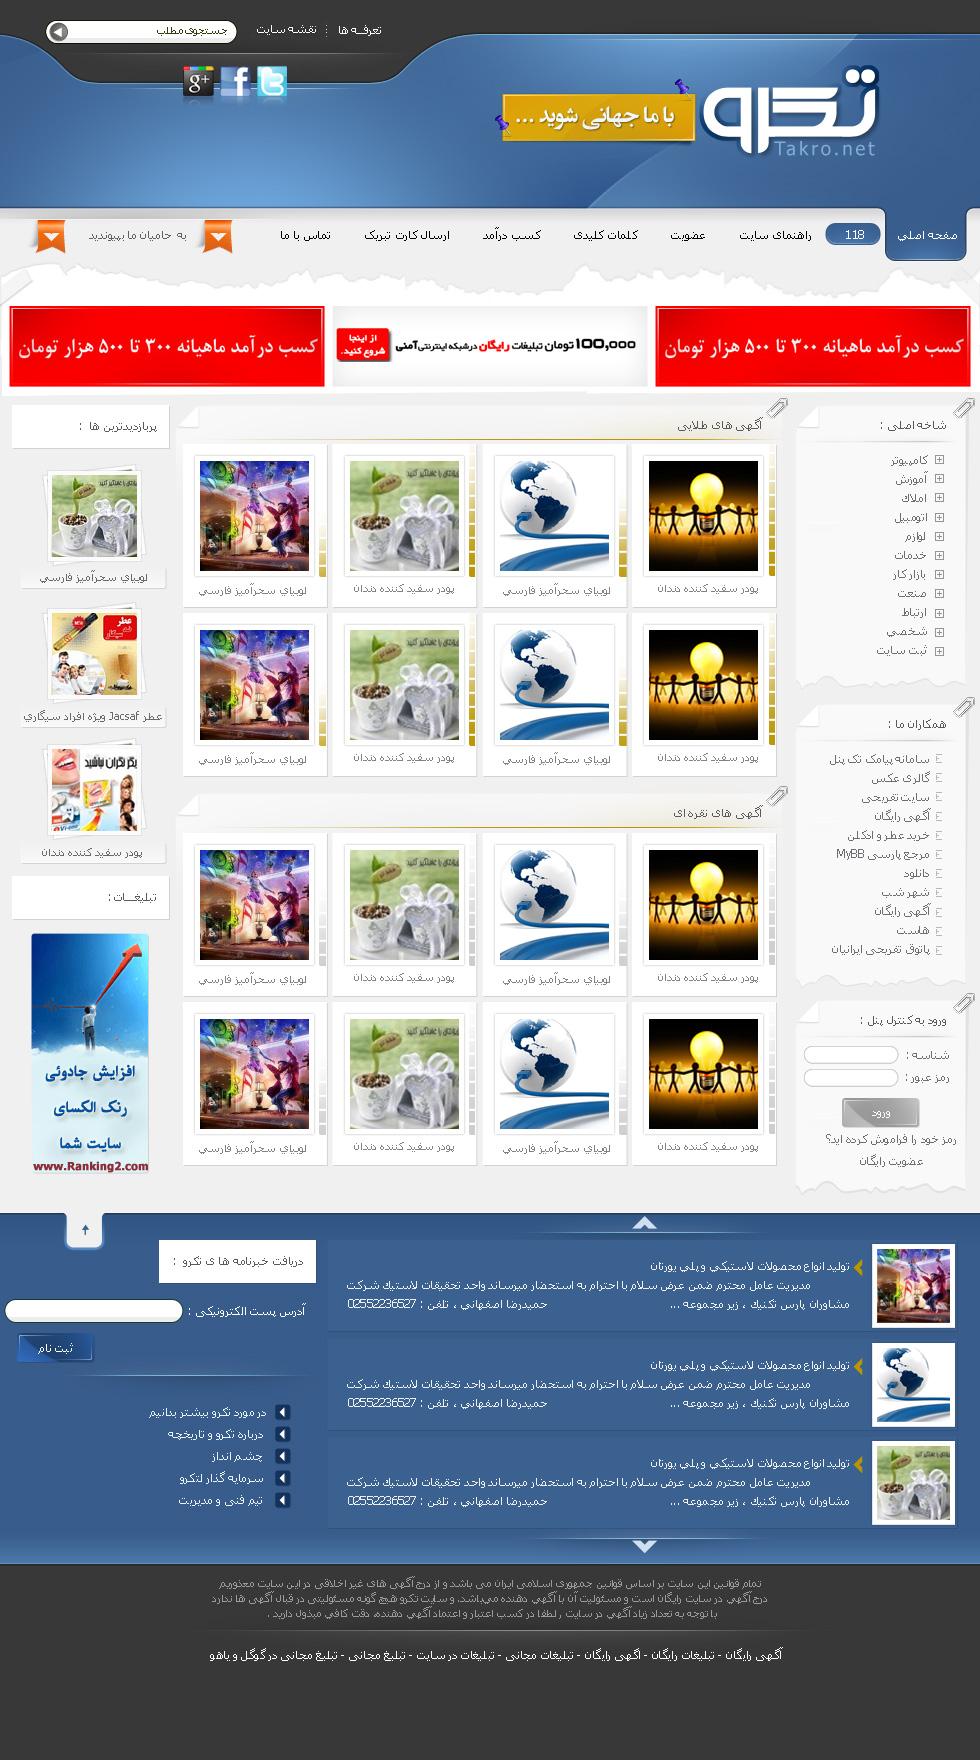 طراحی سایت آگهی و تبلیغات اینترنتی، طراحی وب سایت نیازمندی ها